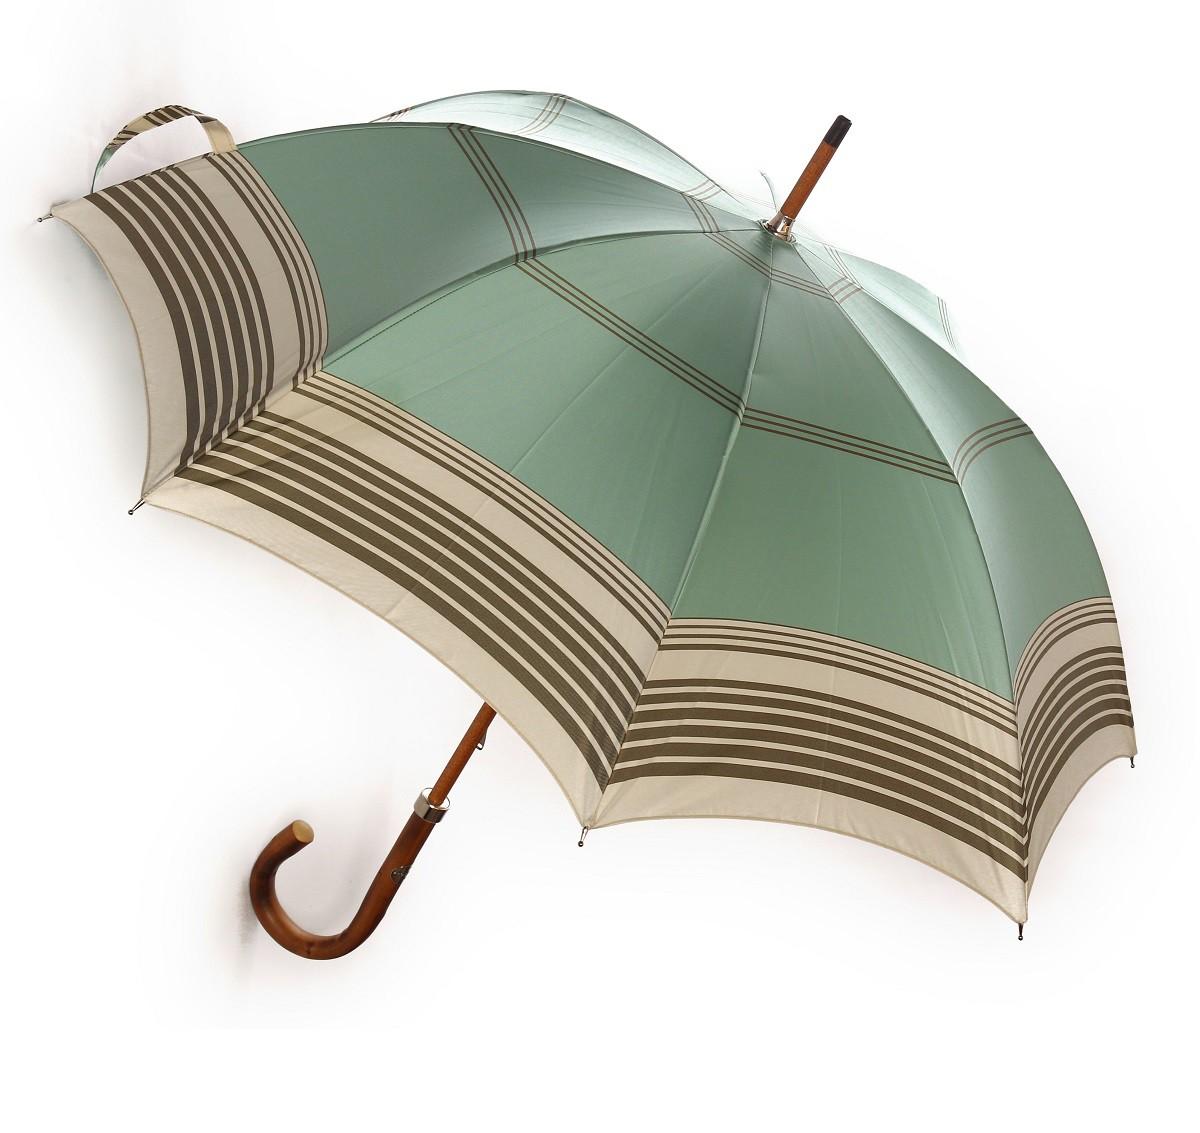 ◇ハンドメイド高級傘◇ Maglia Francesco(マリアフランチェスコ) レディース長傘  ライトグリーン×アイボリー×カーキボーダー 選べるハンドル MF87/MF88